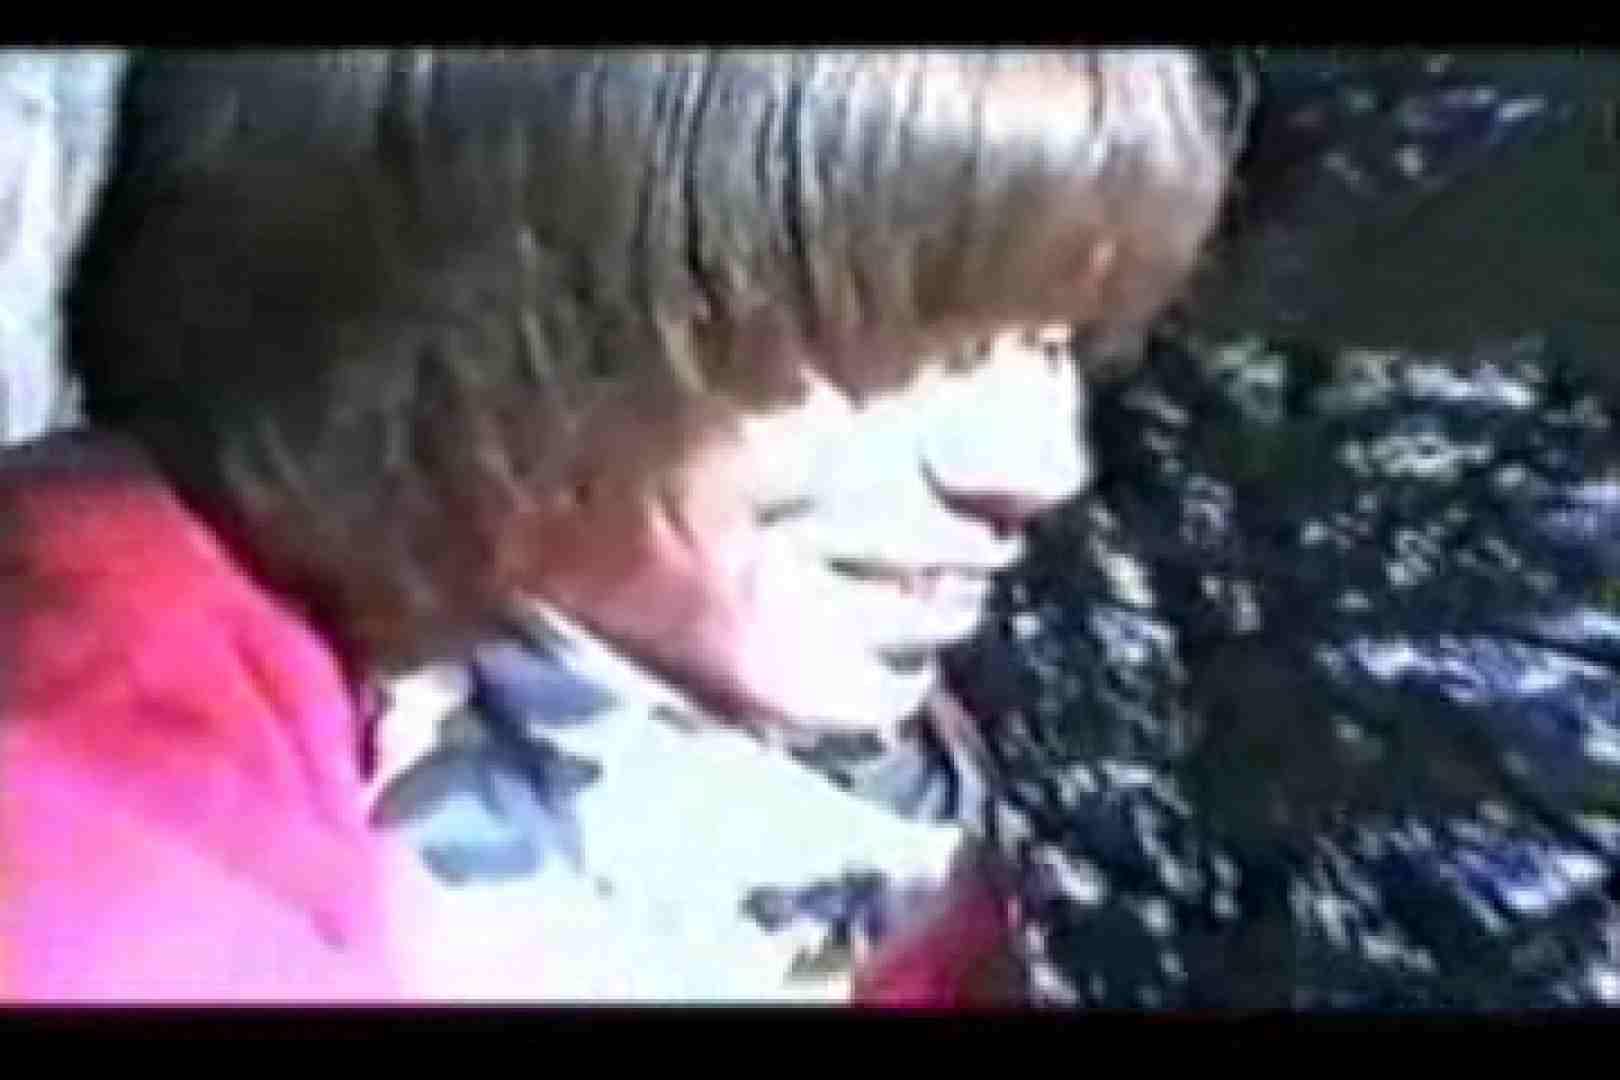 オールドゲイシリーズ  美少年ひかるのオープンファック ディープキス | 美少年 チンコ画像 46pic 25